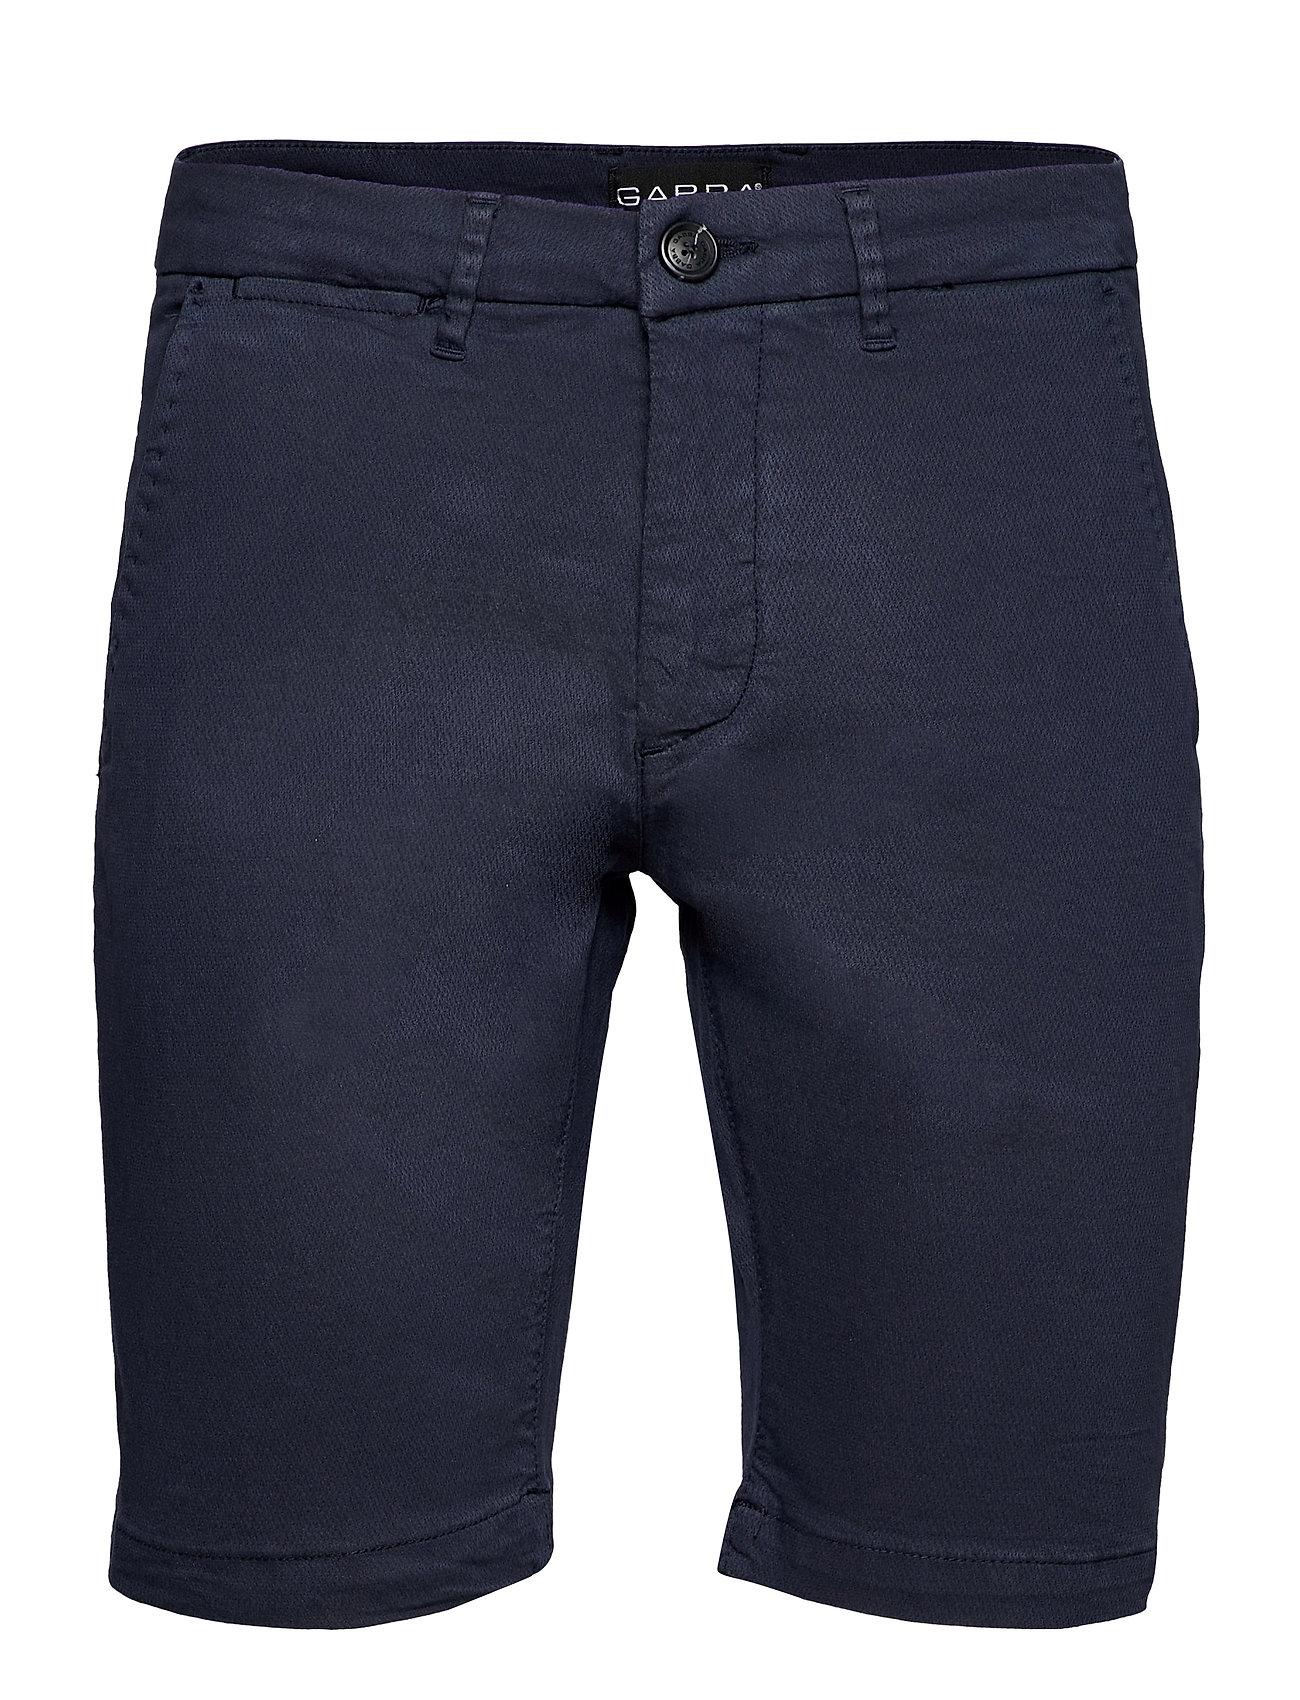 Image of Jason K3280 Dale Shorts Shorts Chinos Shorts Blå Gabba (3554563101)